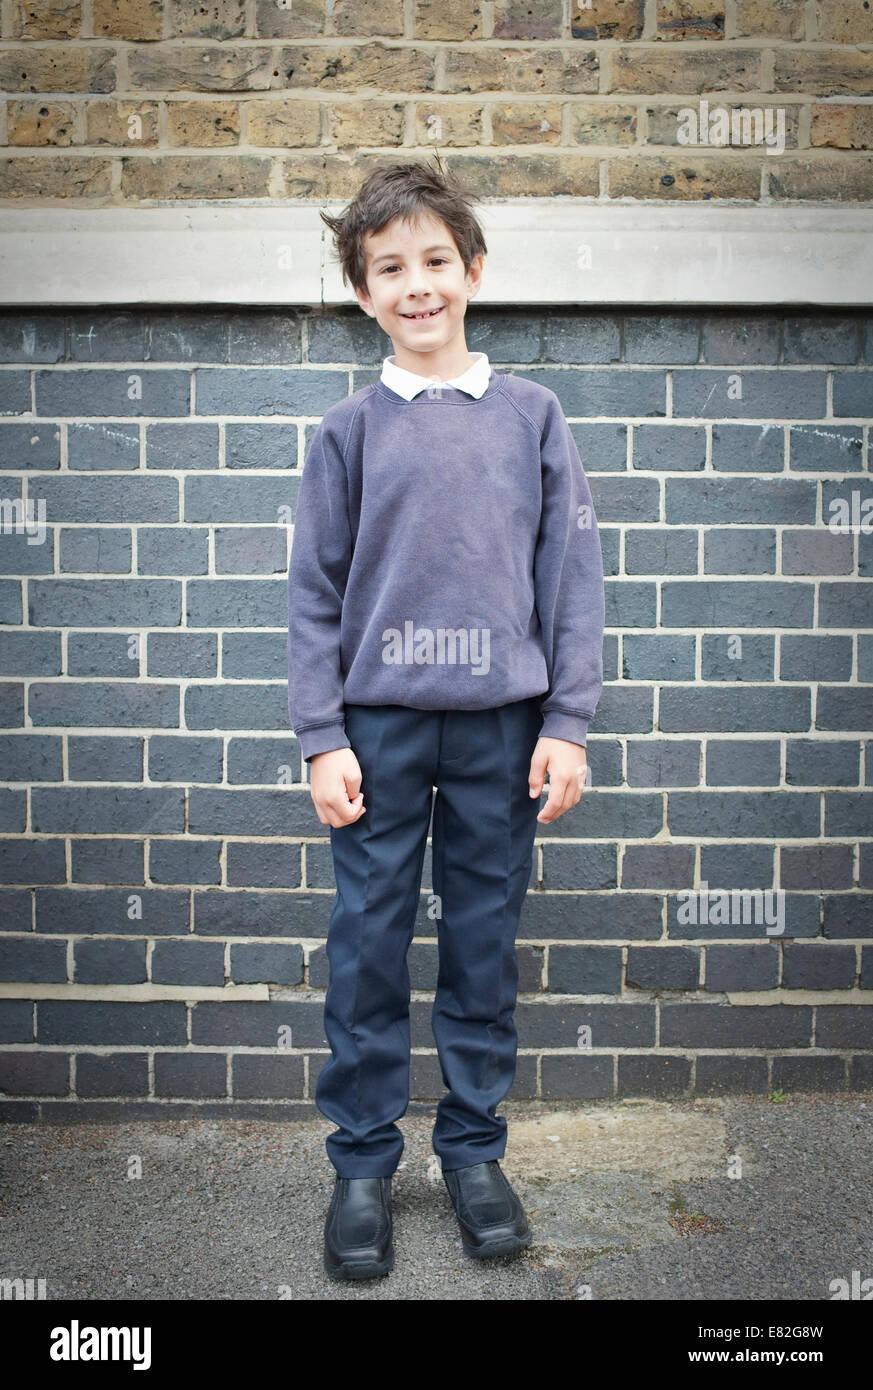 Ritratto di ragazzo nel parco giochi sorridente verso la telecamera Immagini Stock